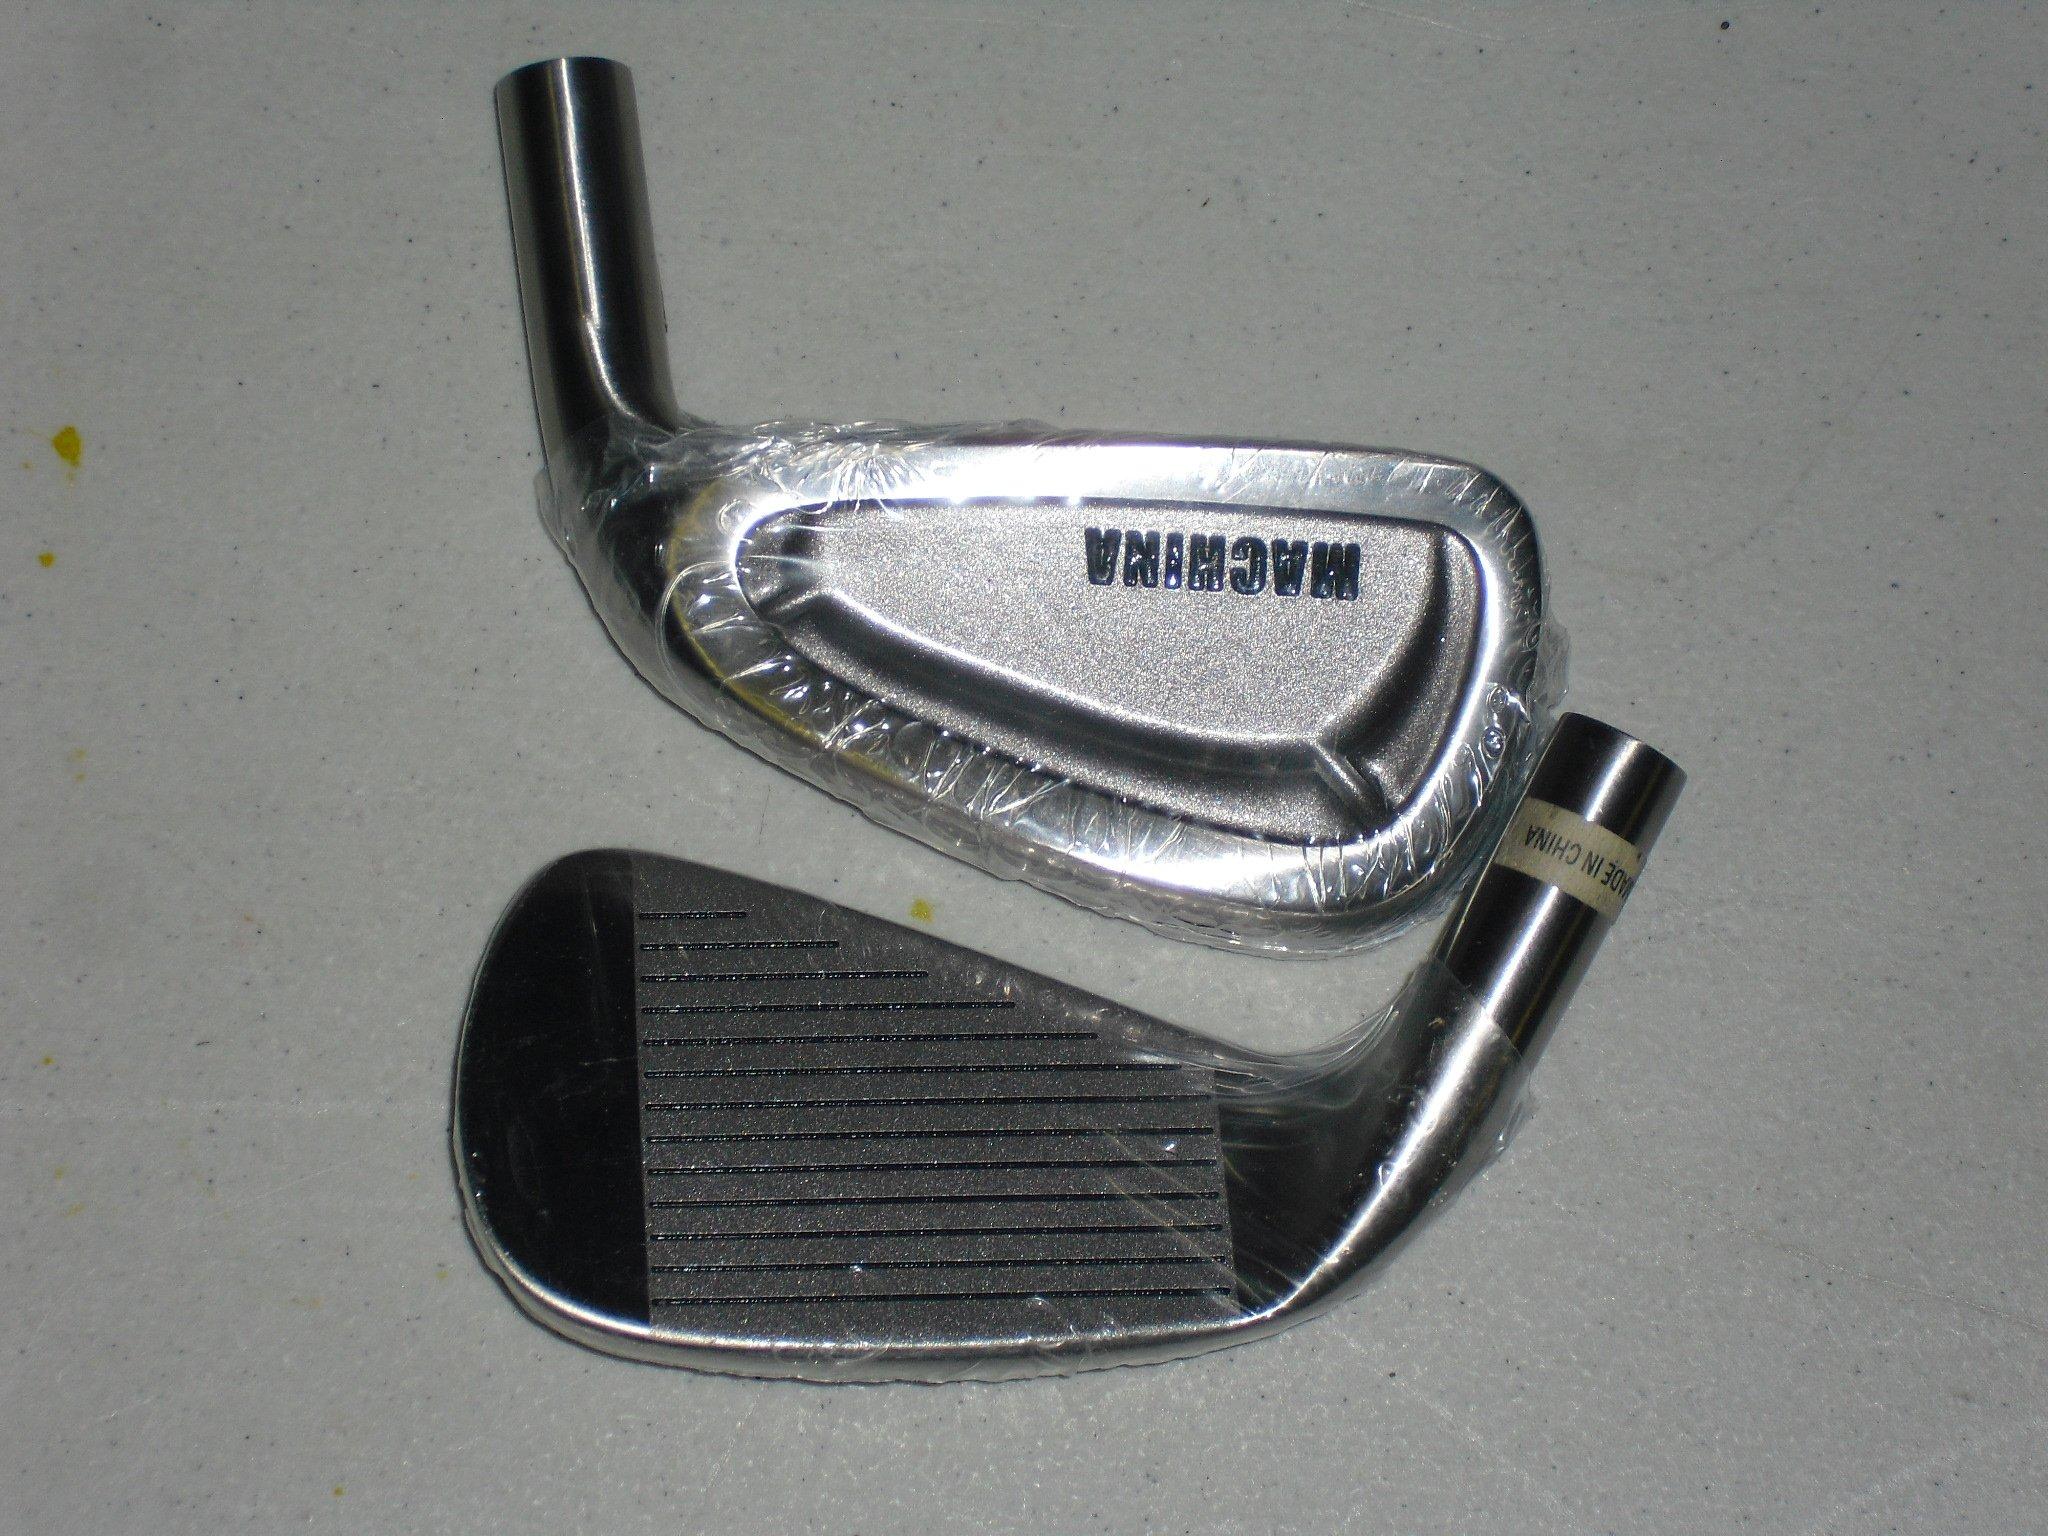 Machina Golf Iron Heads Set 17-4 Stainless Steel 3-PW,SW,LW